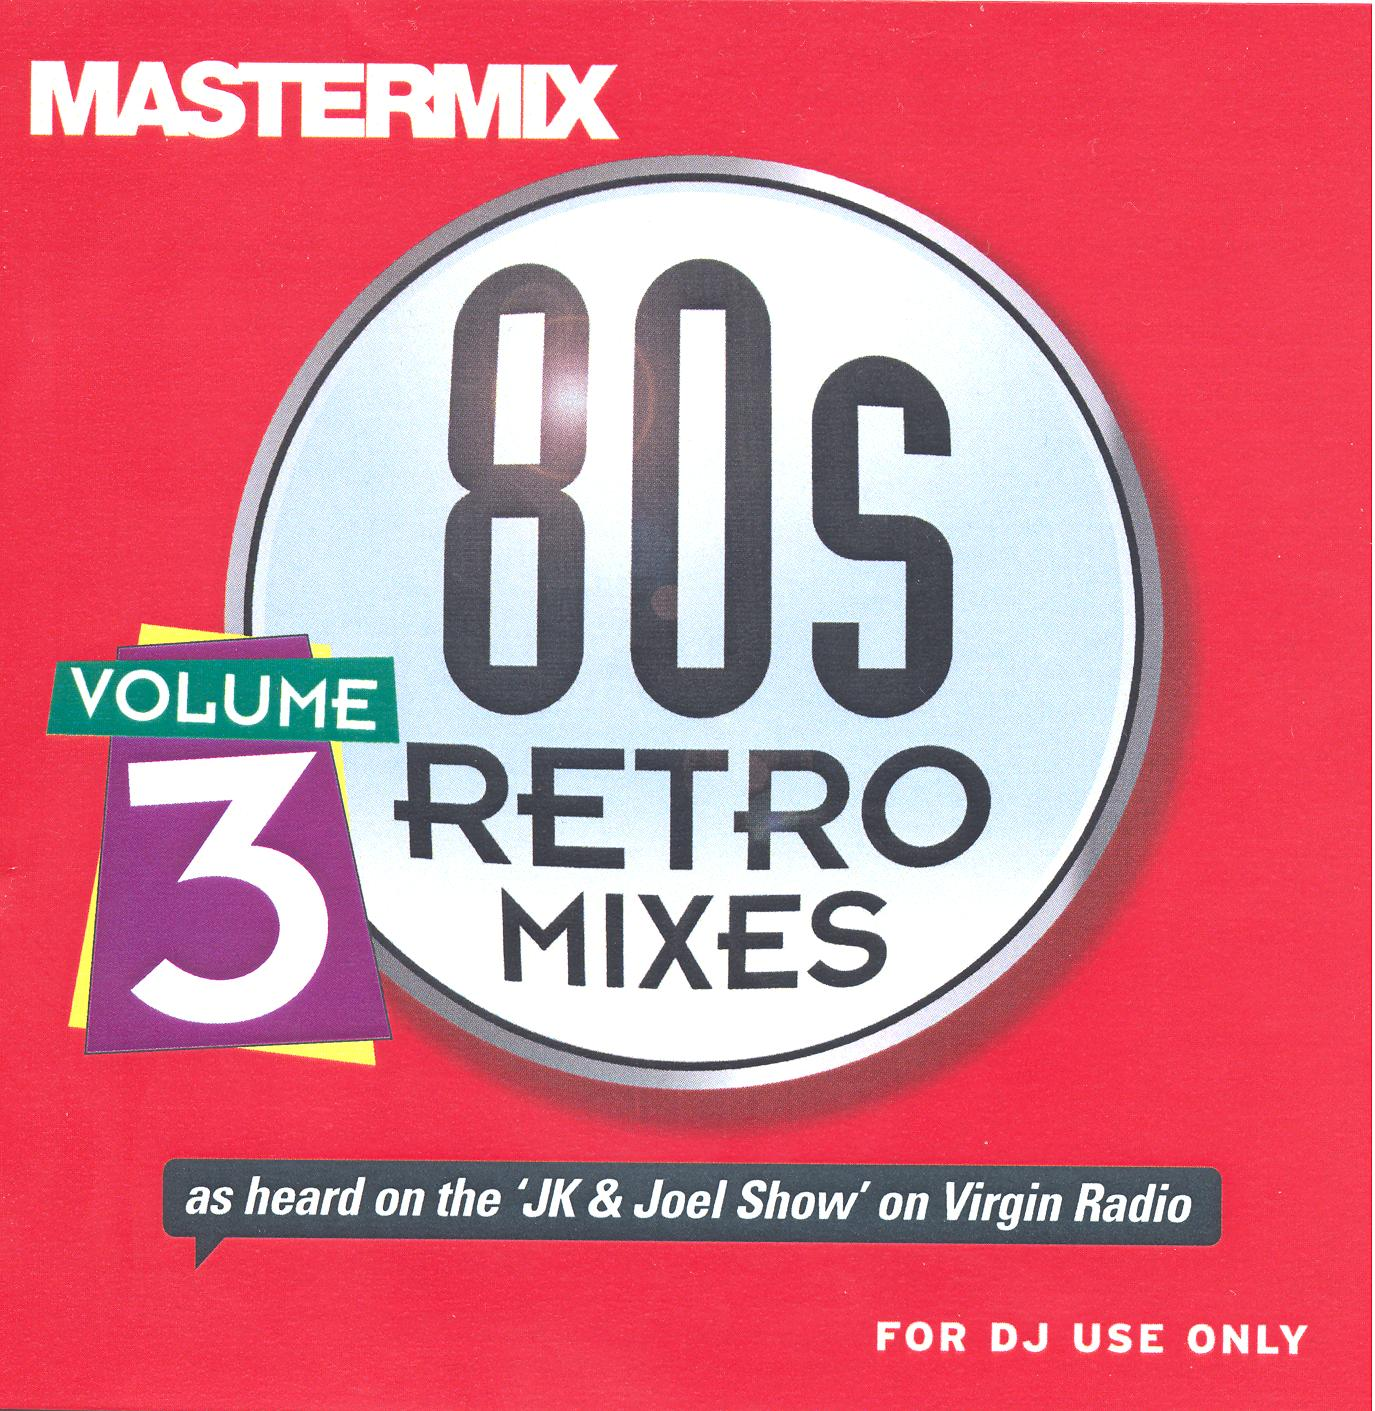 Mastermix - 80's Retro Mixes - Vol.3